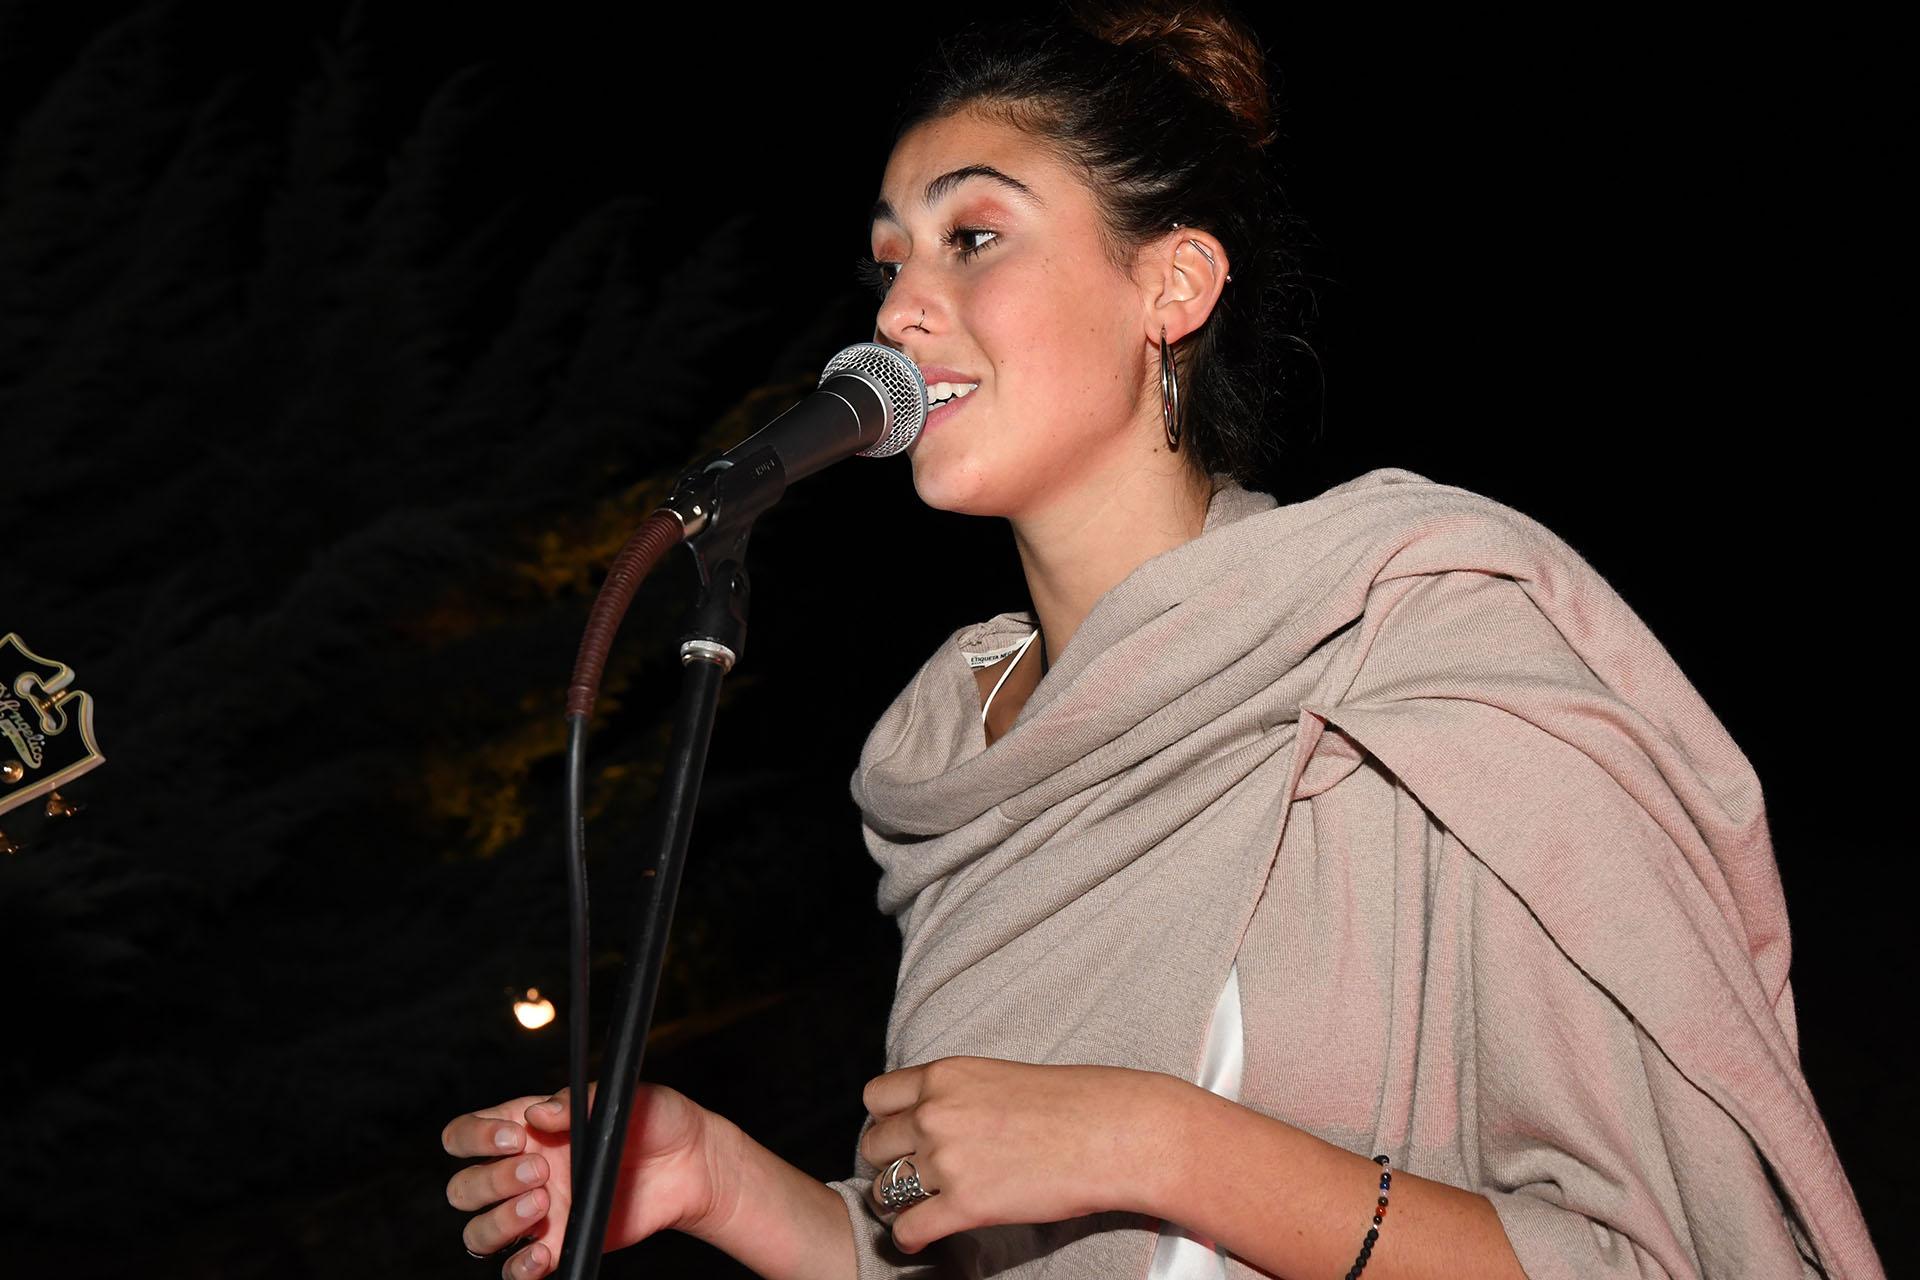 """Renata Repetto cautivó en el escenario e hizo cantar a todos los invitados. También, se presentó la banda de Fabián """"Zorrito"""" Von Quintiero, """"Zorrito Von & The Cracks, y la DJ uruguaya Ciara Pascual"""